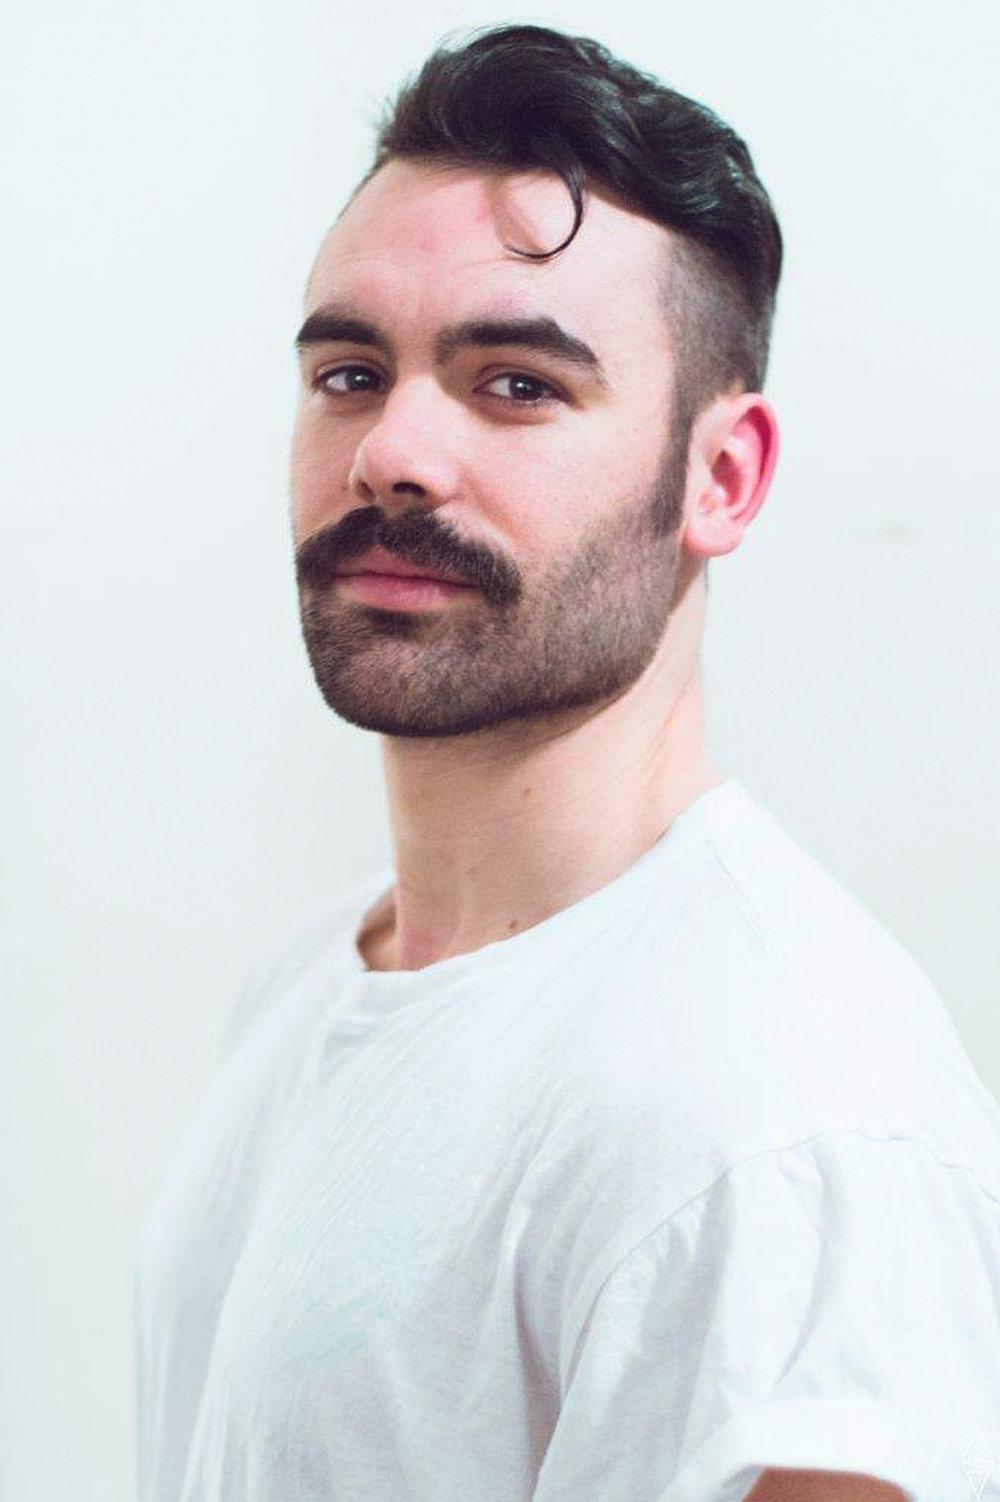 Jonathan Cloutier Photo de profil d'Artiste 1.jpg